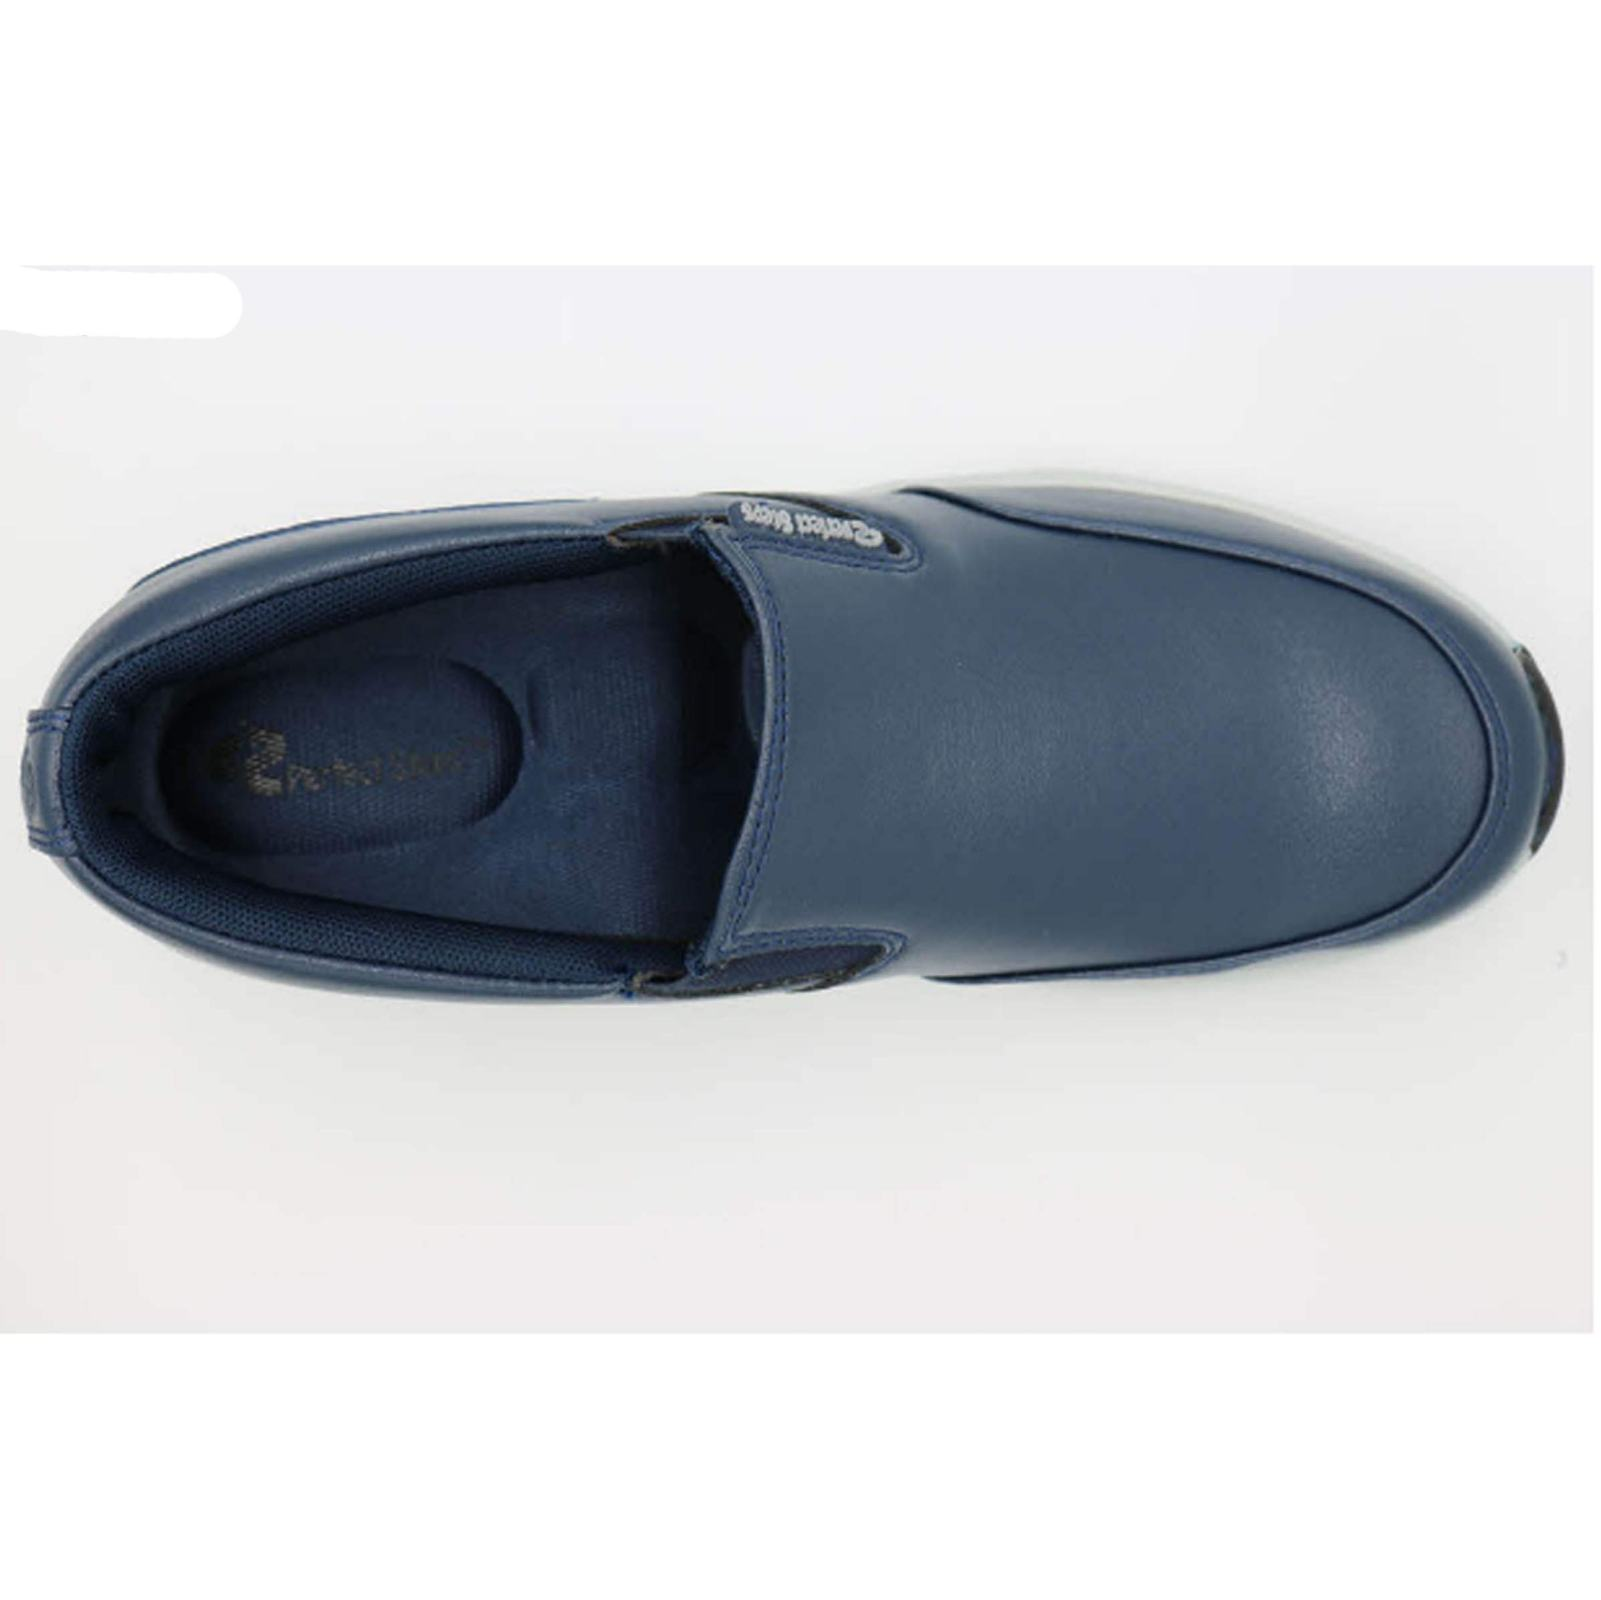 کفش مخصوص پیاده روی زنانه پرفکت استپس مدل پریمو کژوال رنگ سرمه ای main 1 5